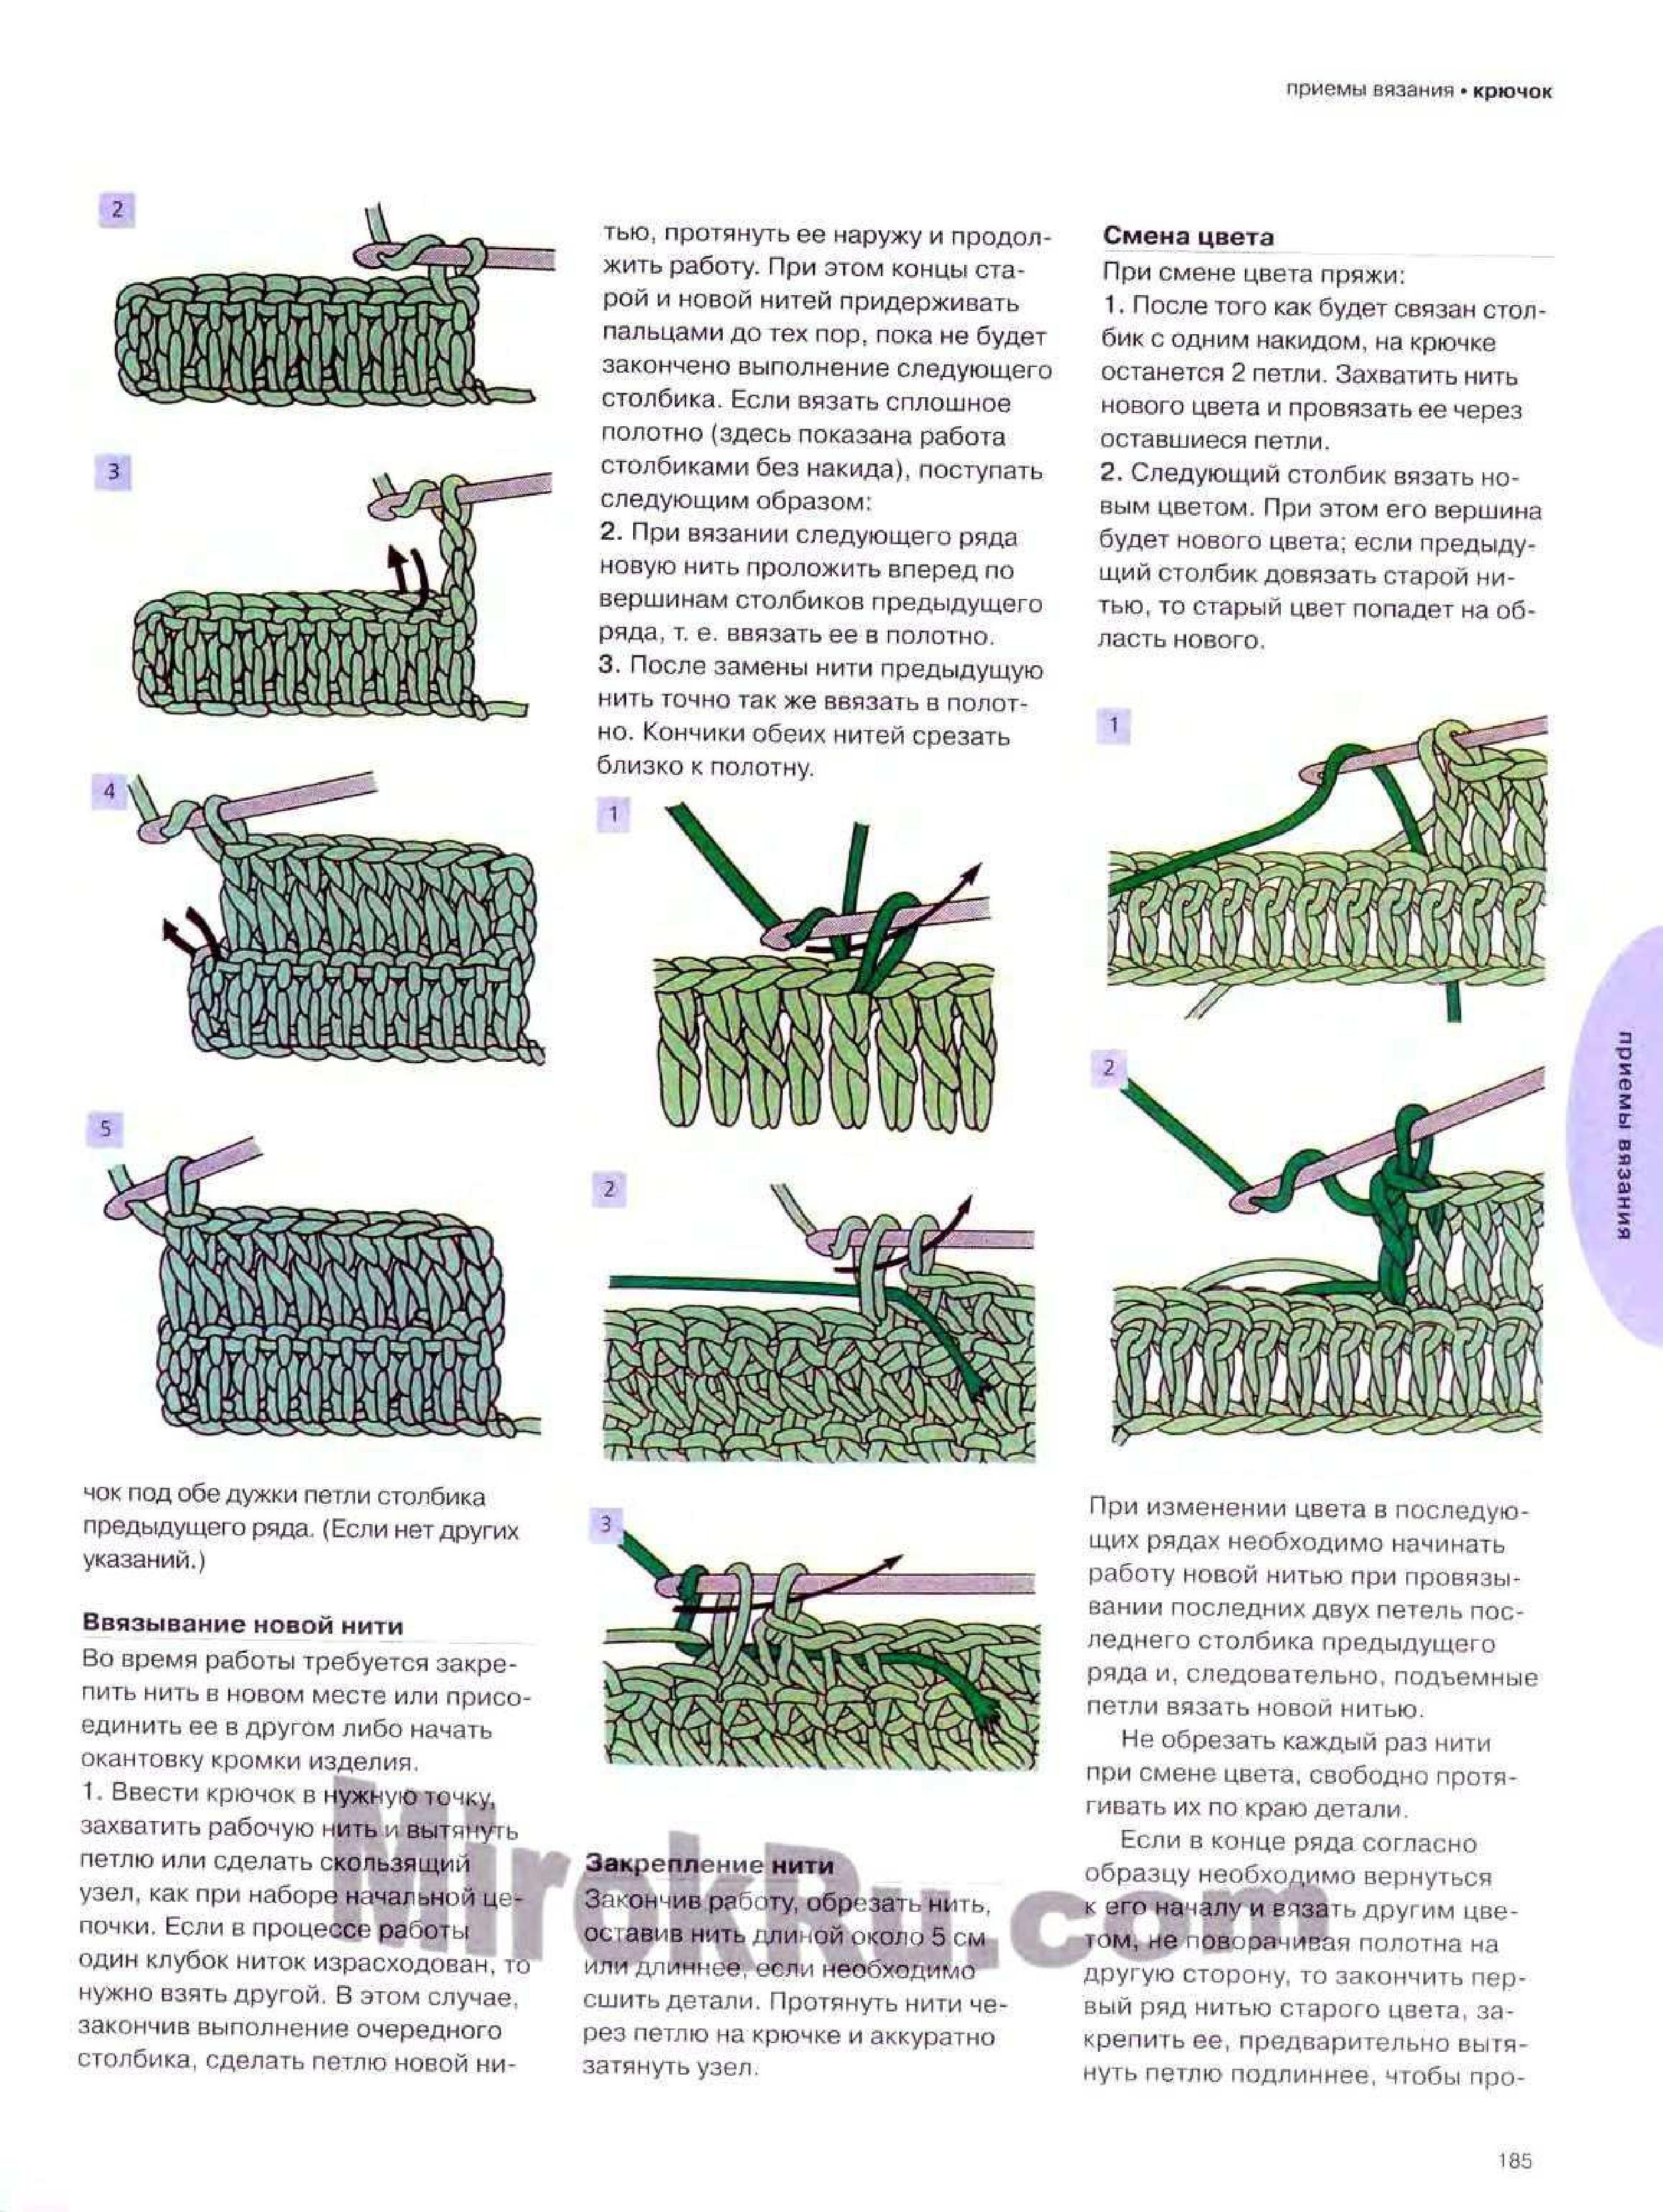 Как ввести нитку другого цвета в вязании спицами